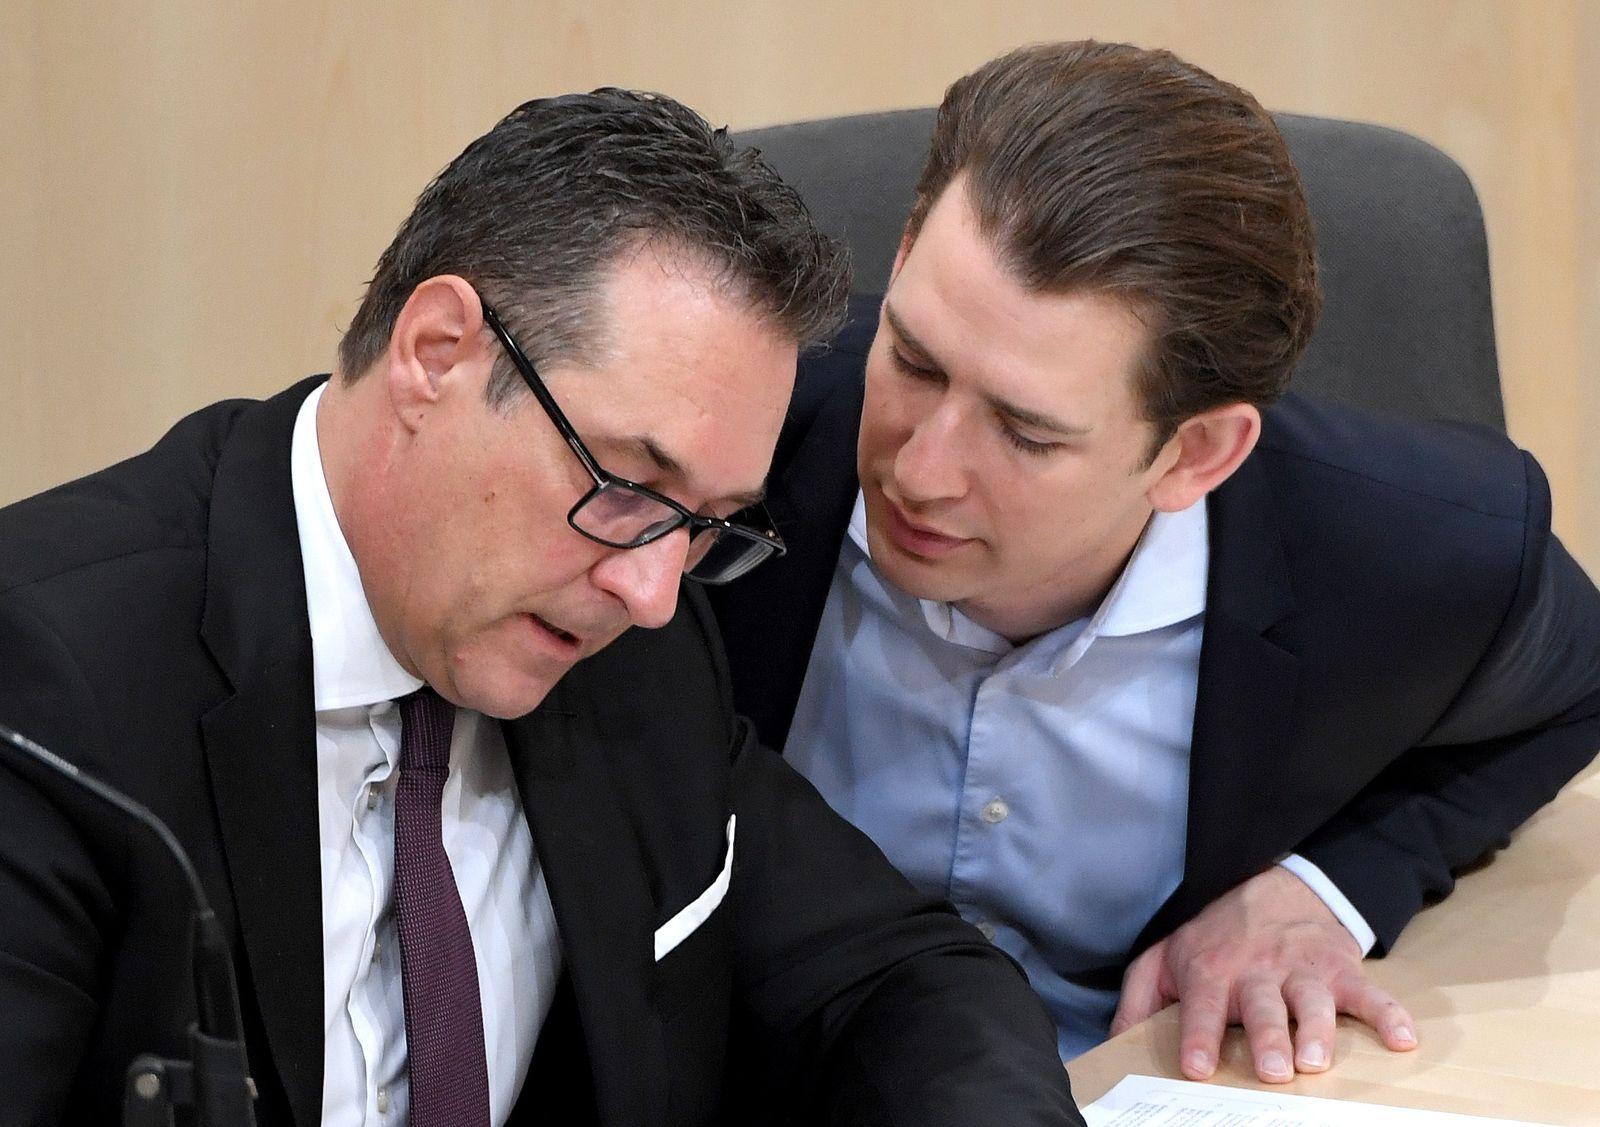 Nationalratsitzung in Österreich